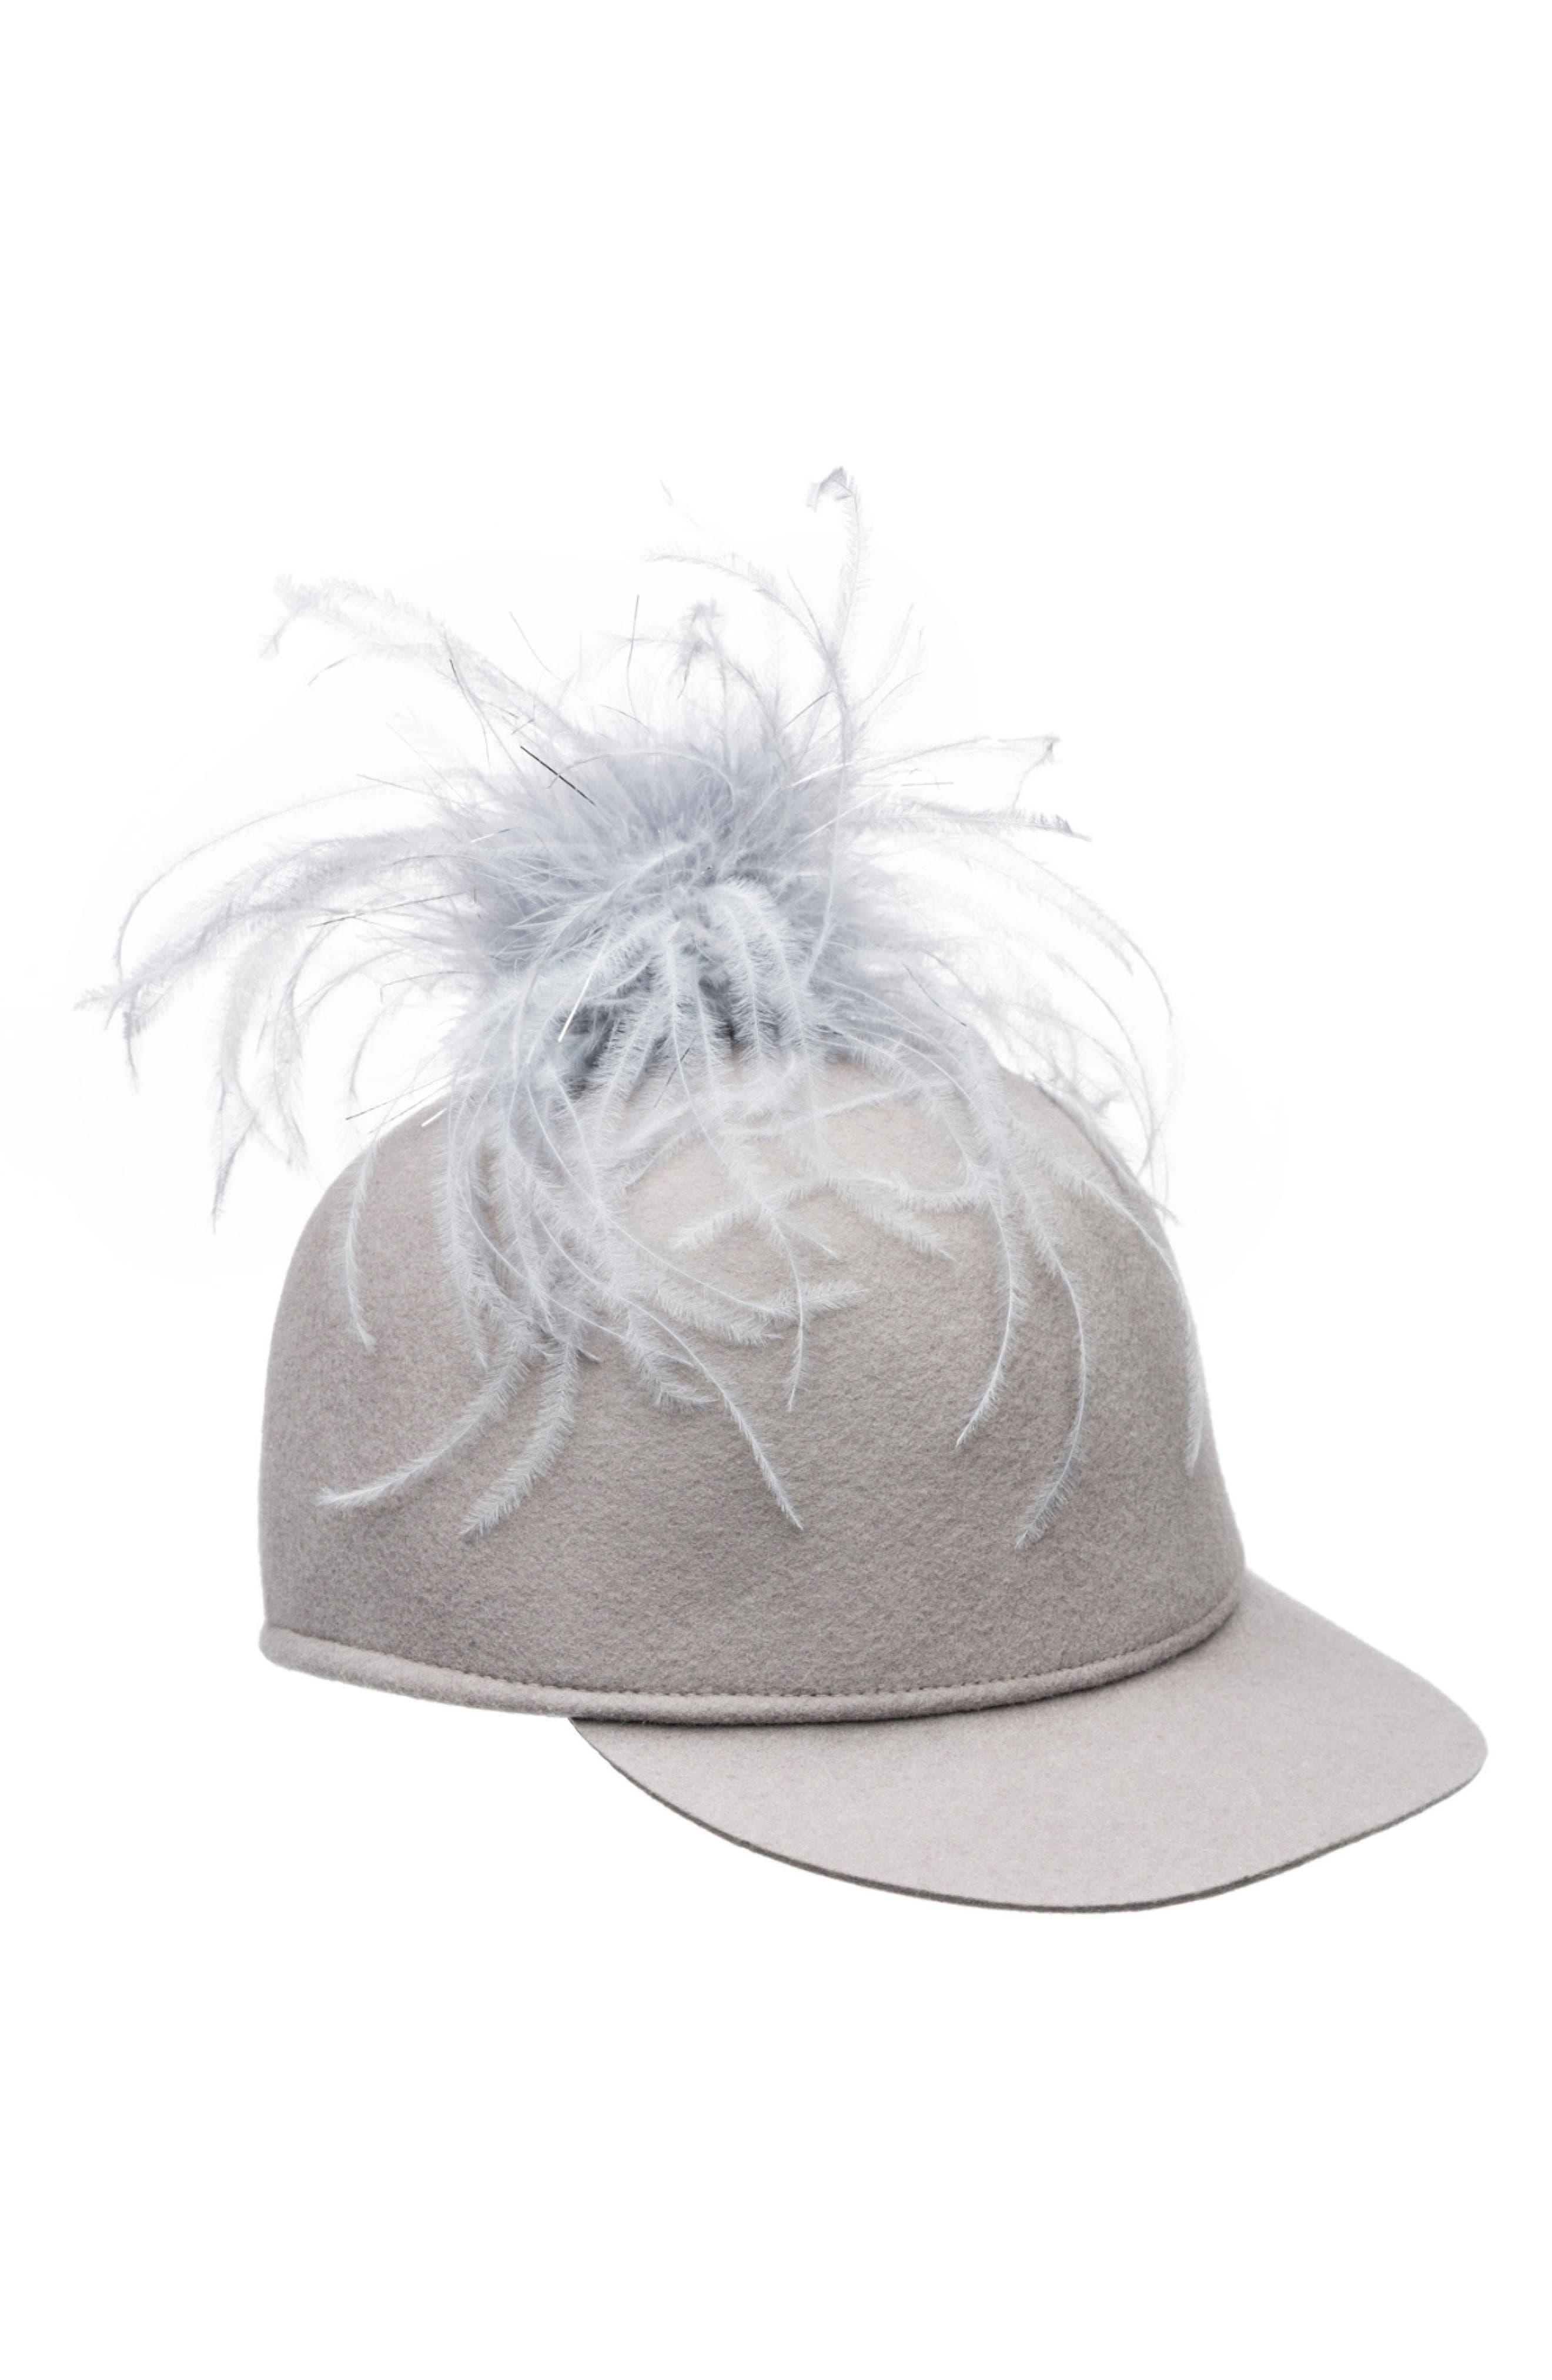 Alex Ostrich Feather Pom Cap,                             Main thumbnail 1, color,                             Light Grey